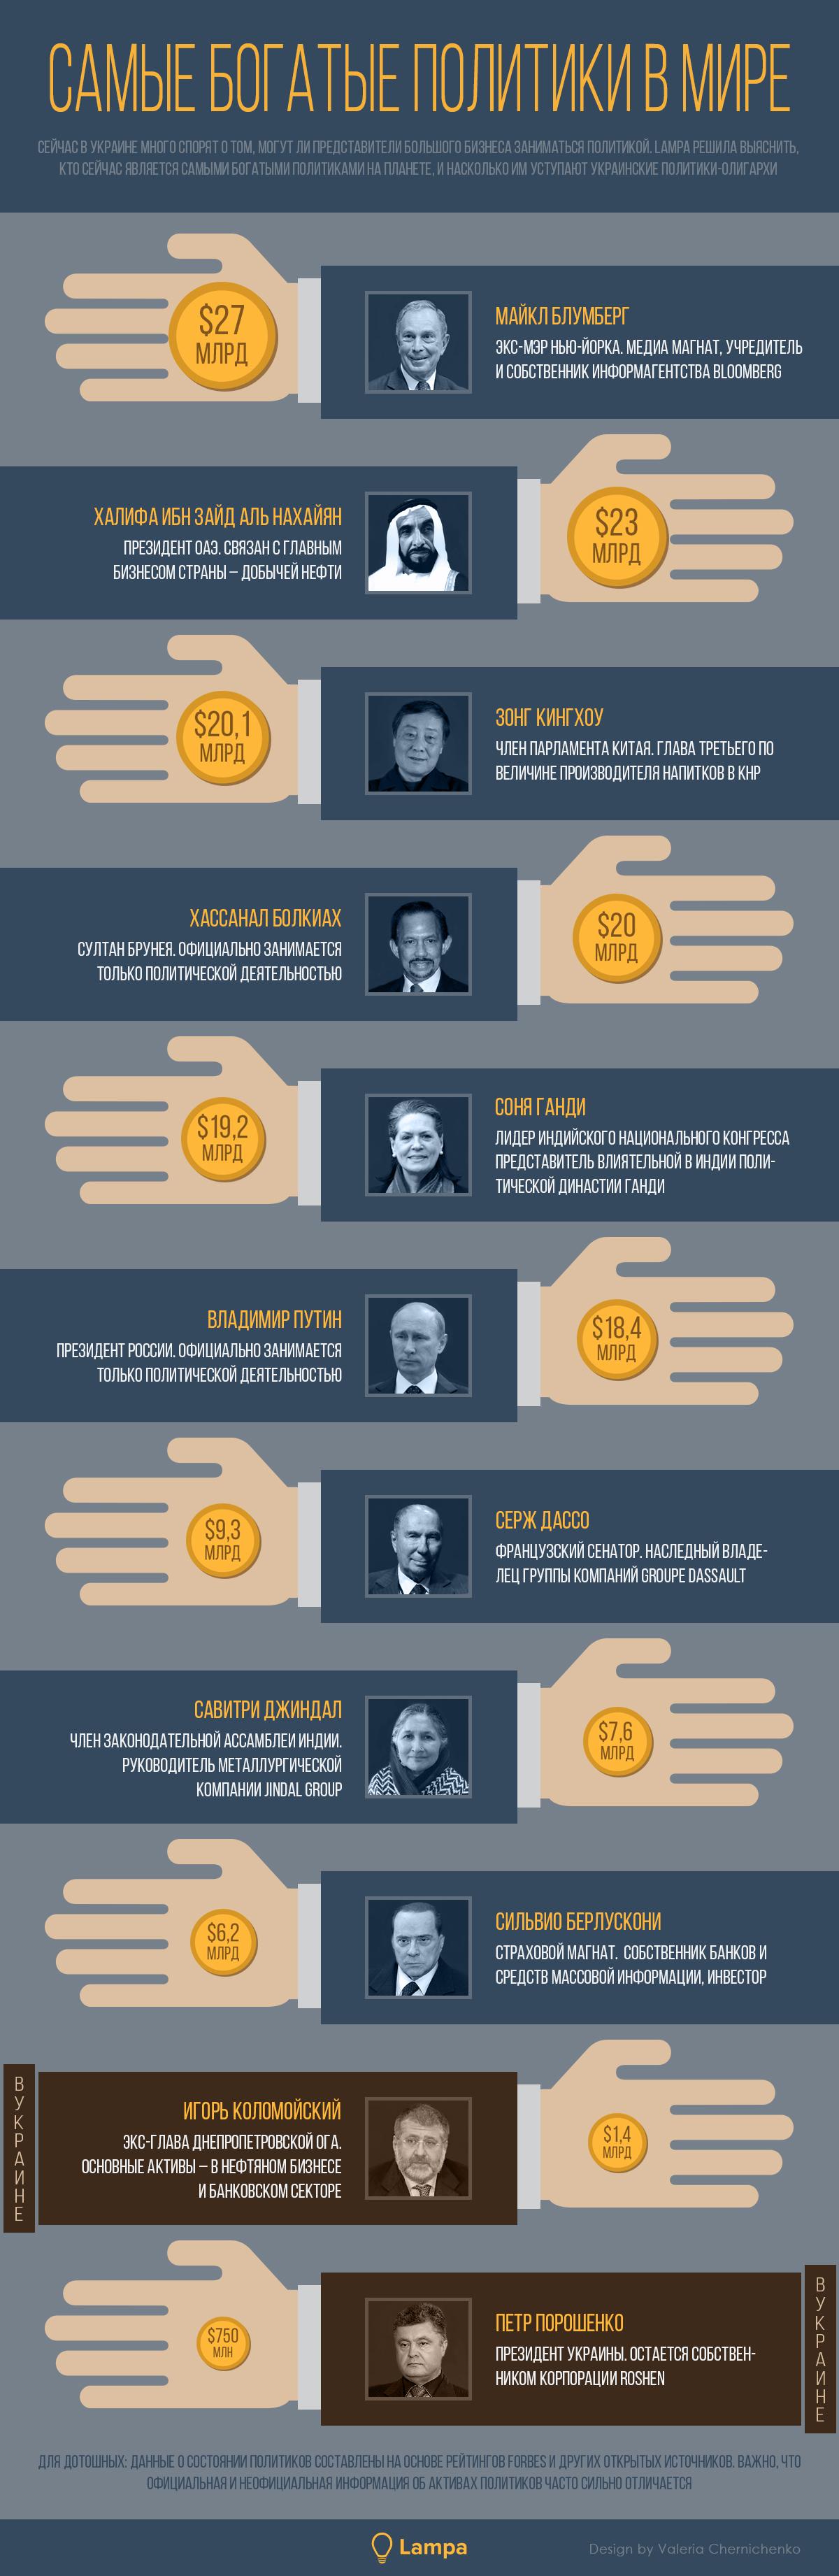 Визуализация: Самые богатые политики мира